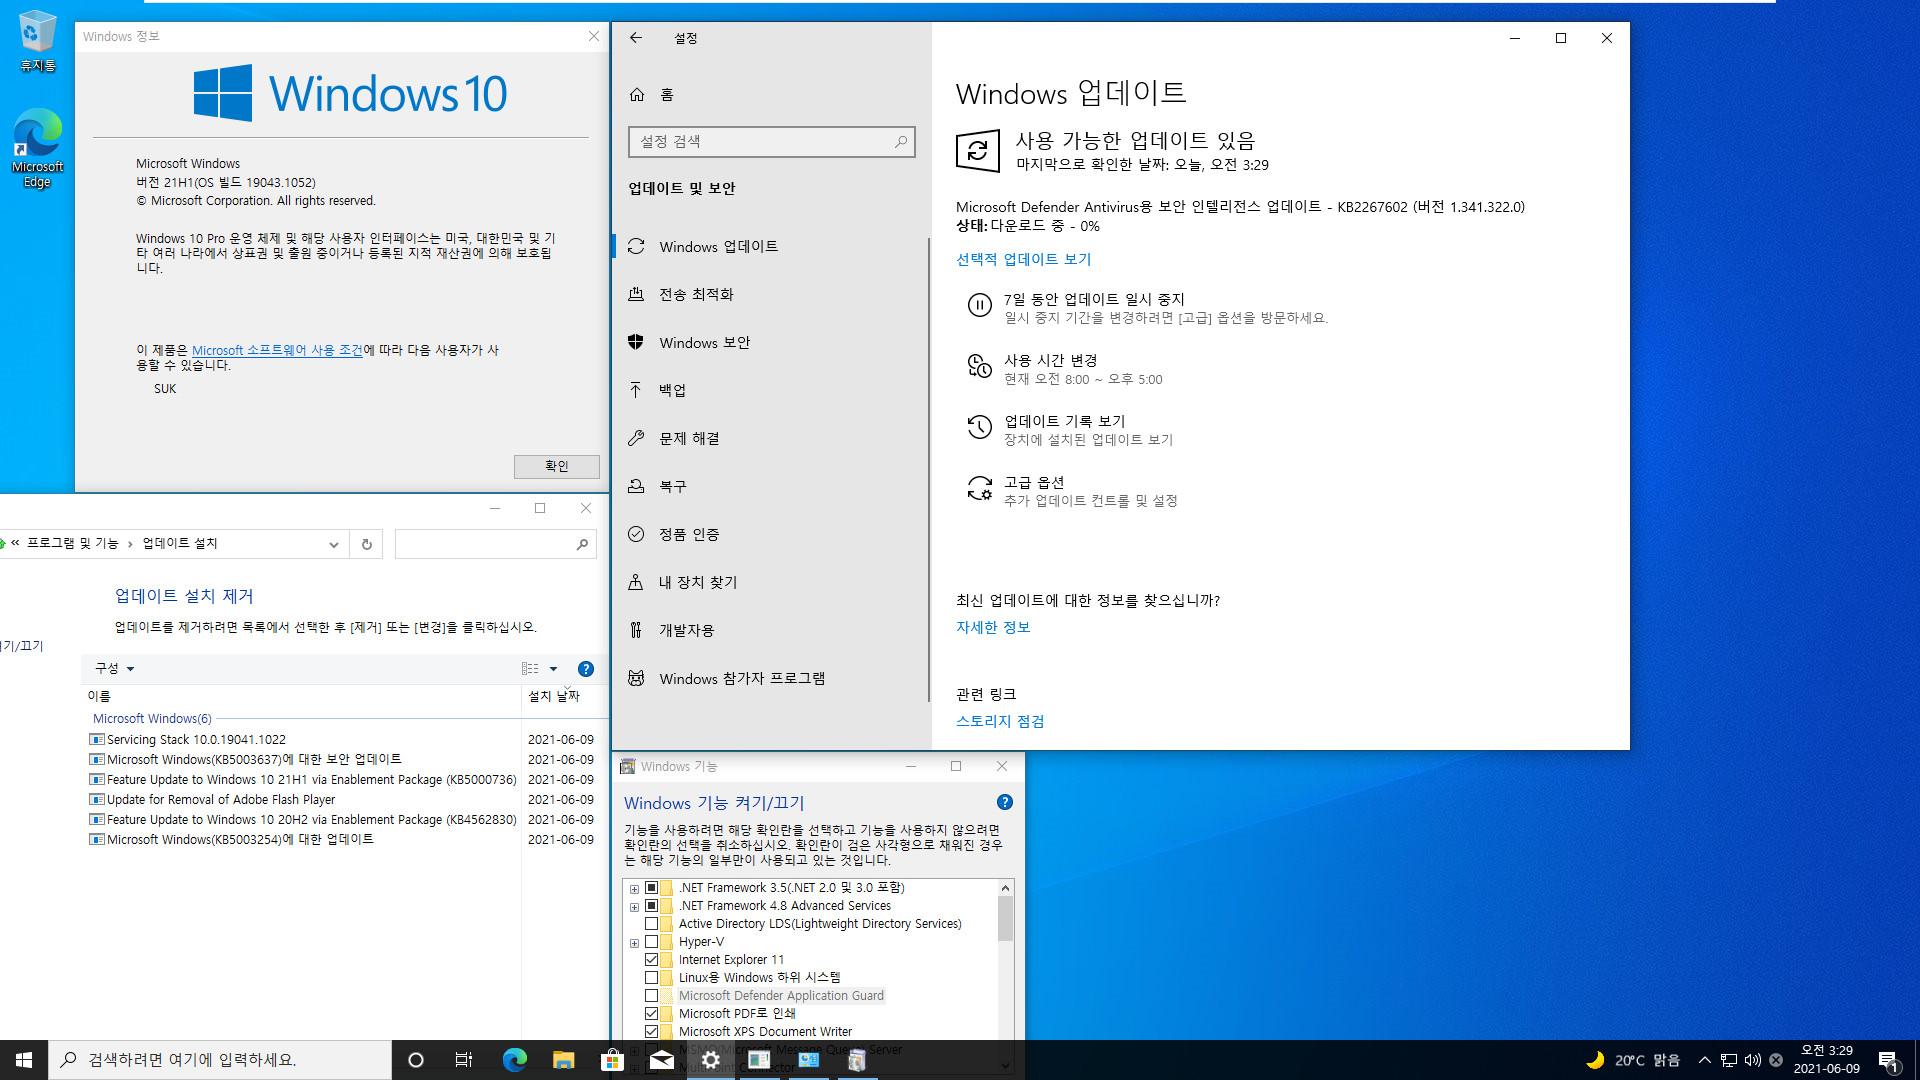 2021-06-09 수요일 정기 업데이트 - PRO x64 3개 버전 통합 - Windows 10 버전 2004, 빌드 19041.1052 + 버전 20H2, 빌드 19042.1052 + 버전 21H1, 빌드 19043.1052 - 공용 누적 업데이트 KB5003637 - 2021-06-09_032933.jpg